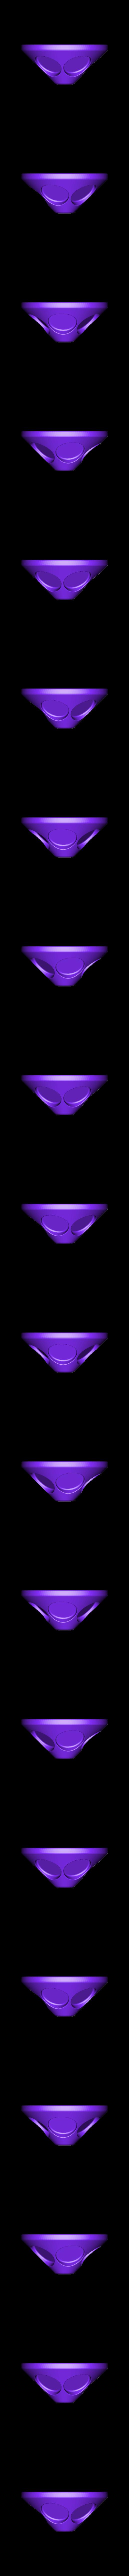 _%D1%8D%D0%BD%D0%BA%D0%BE%D0%B4%D0%B5%D1%80%D0%B0.stl Download free STL file encoder wheel • 3D printer model, usovv